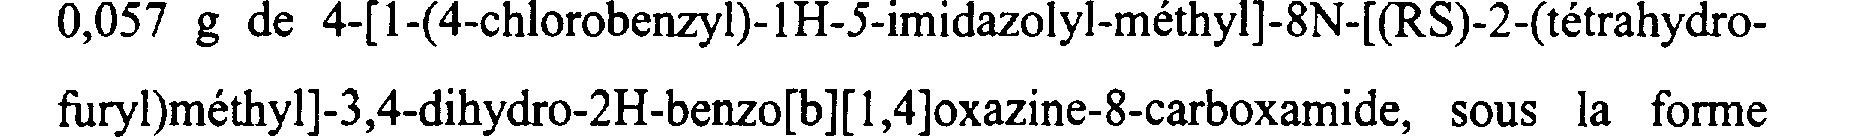 Figure img00740002